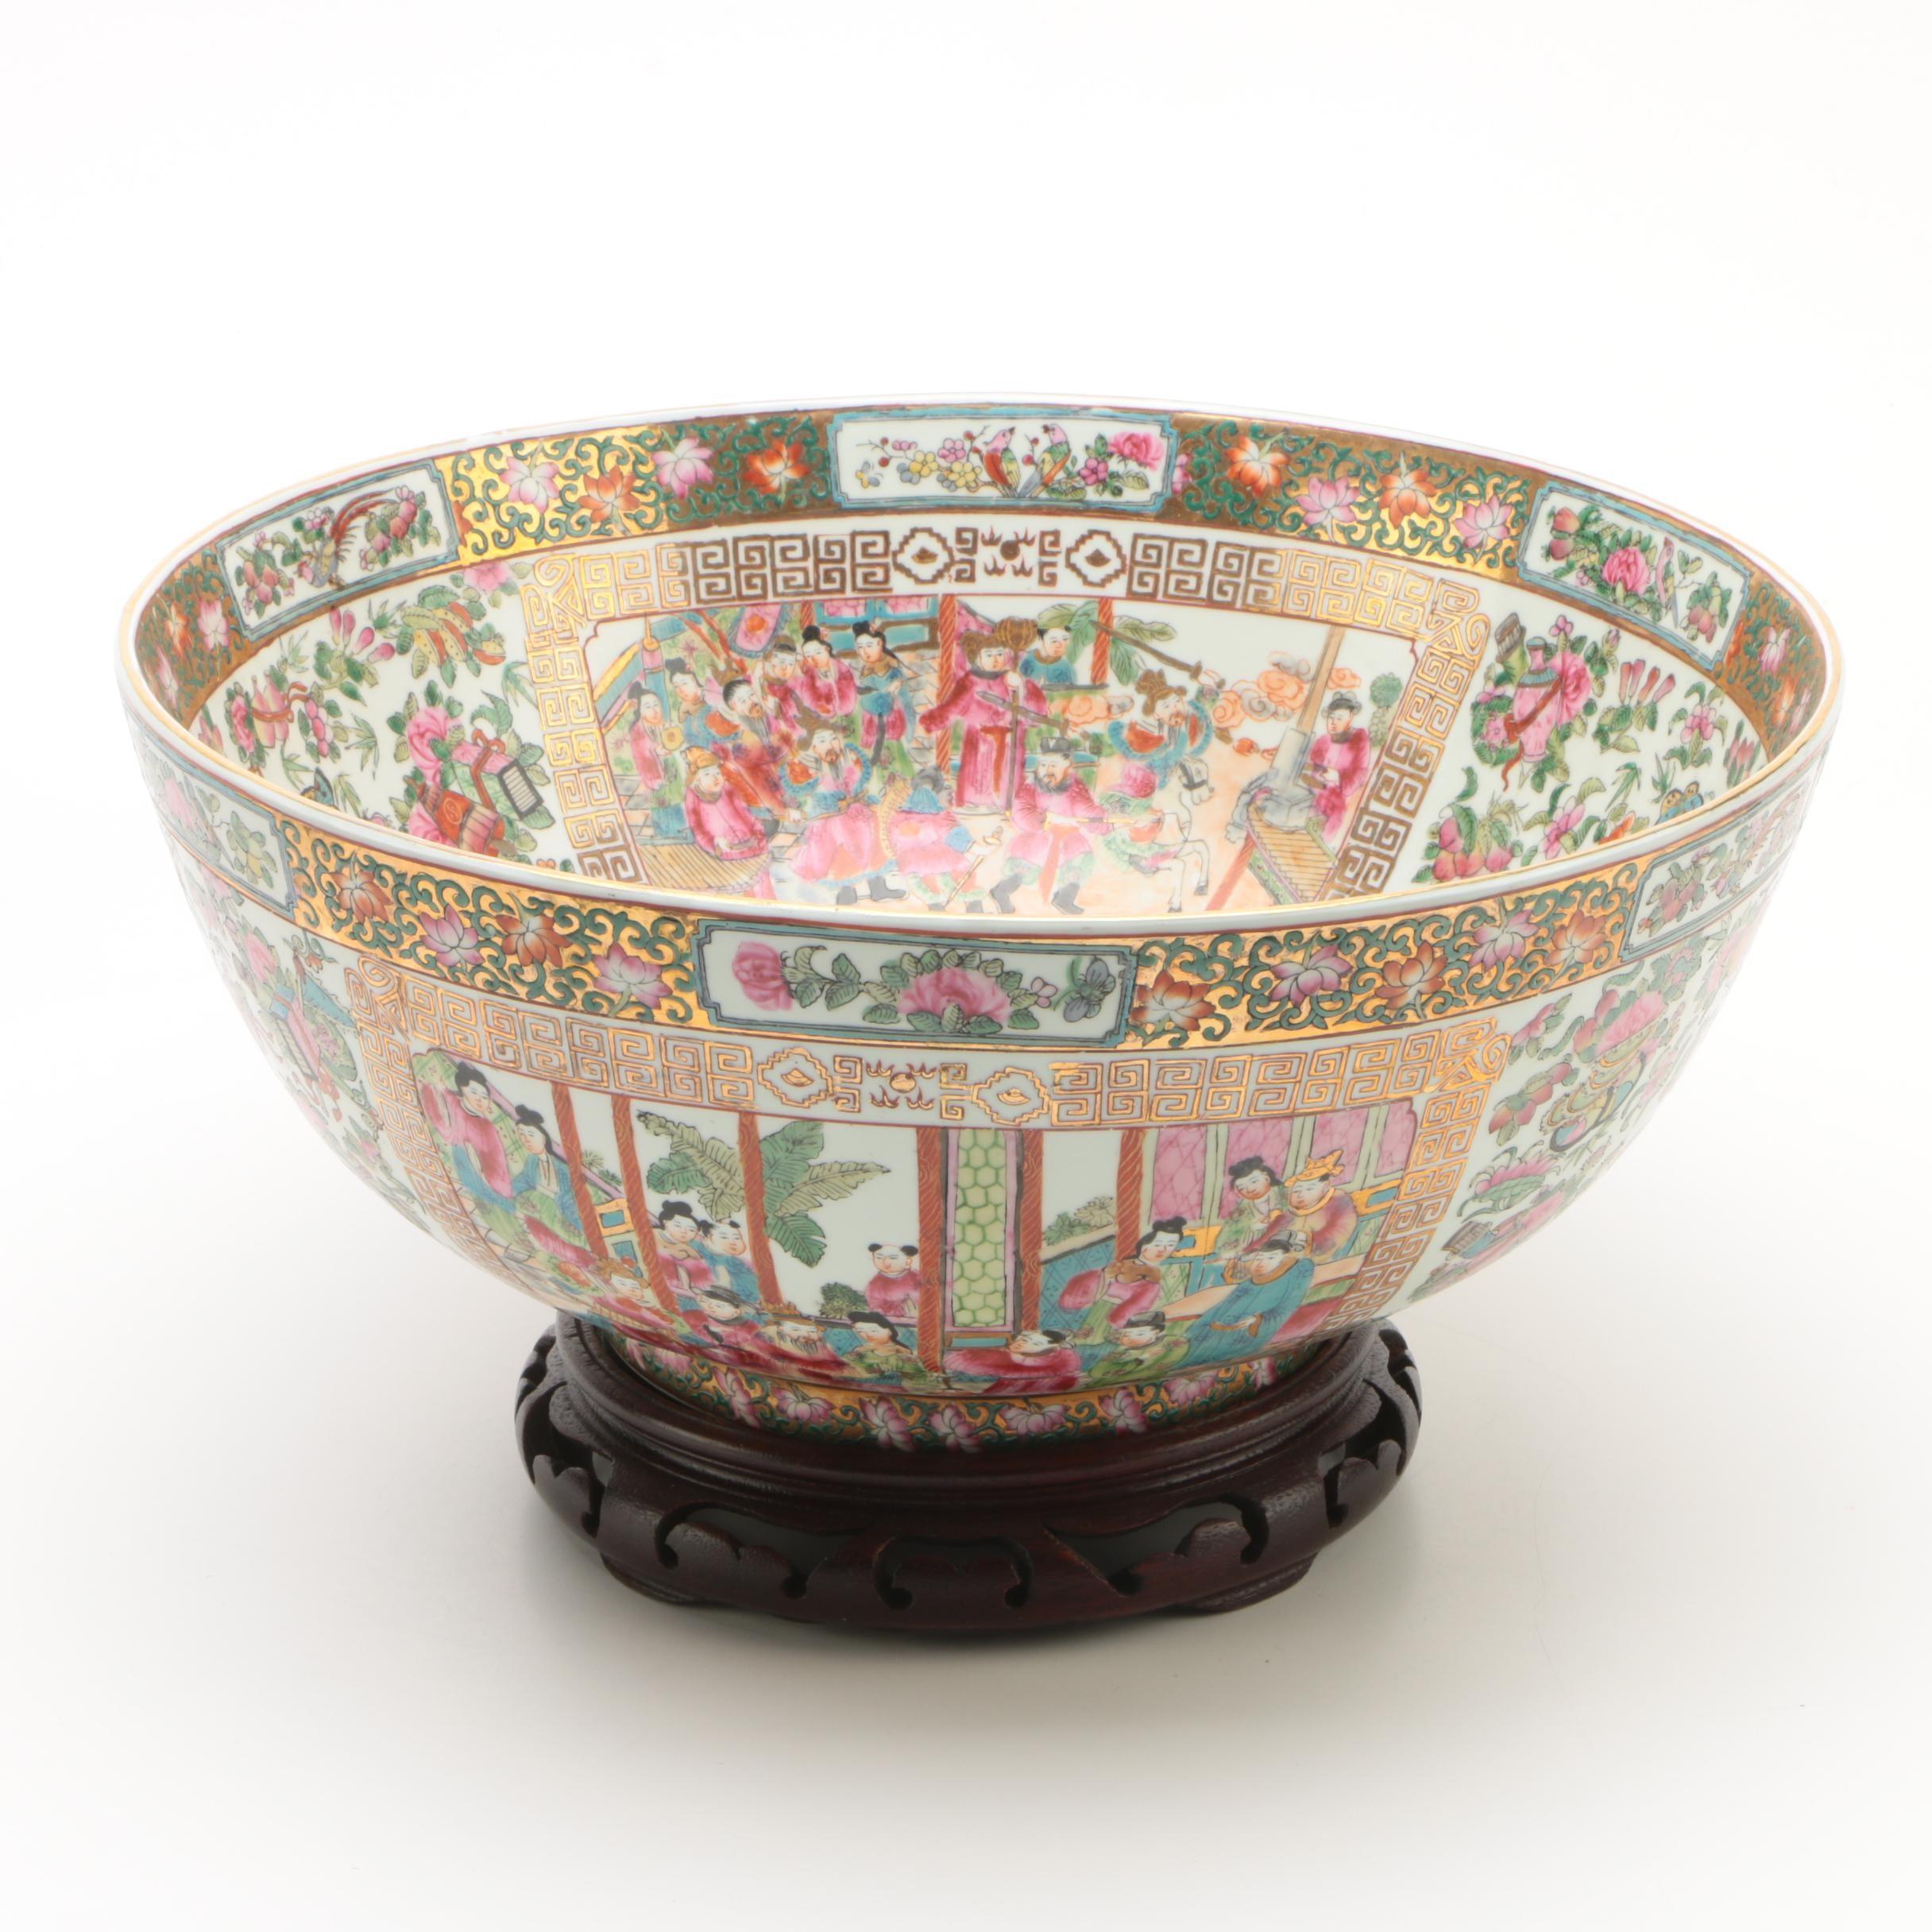 Gump's Rose Medallion Porcelain Footed Bowl